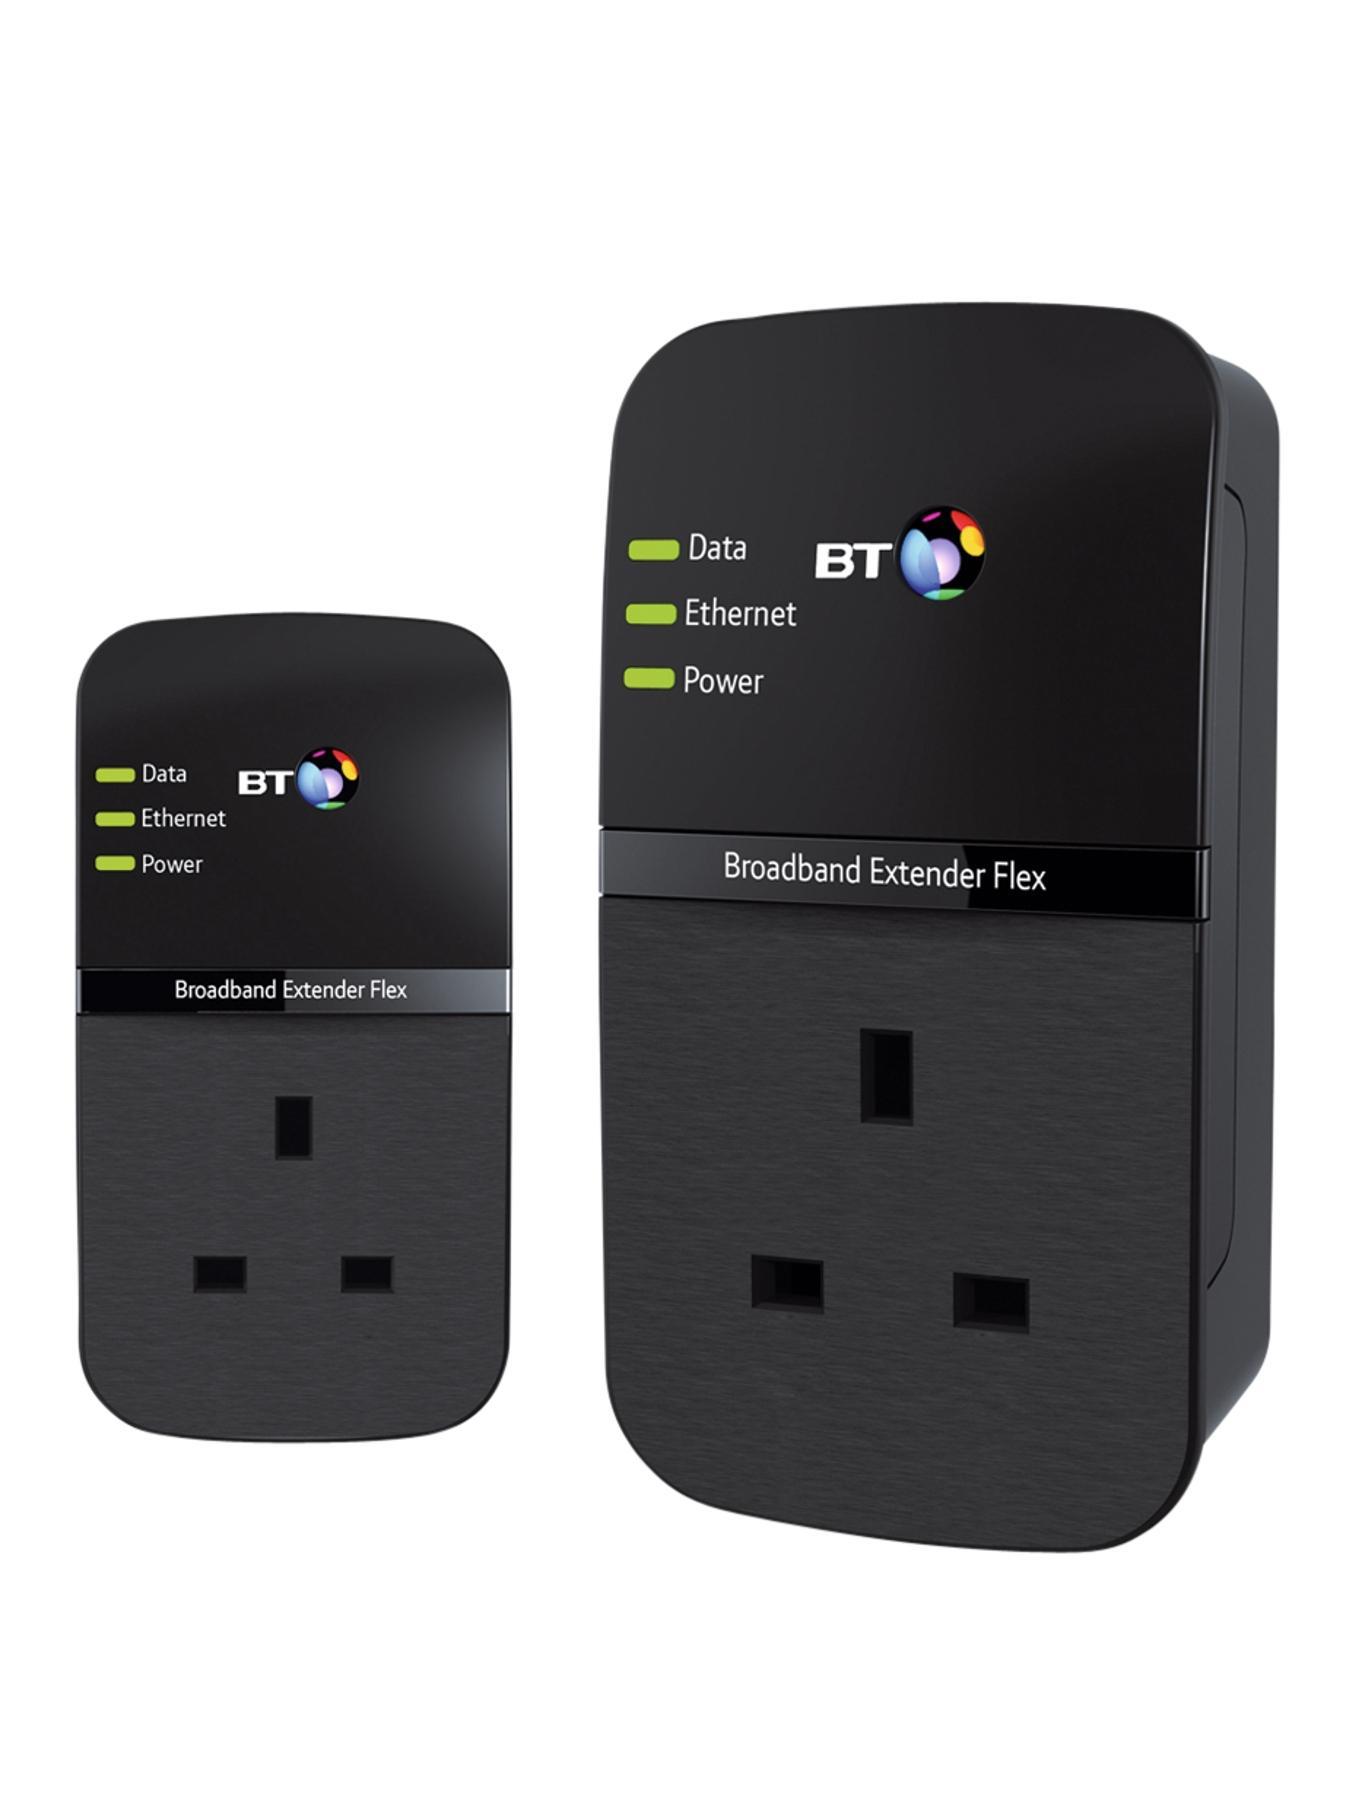 BT Broadband Extender Flex 500 Kit - Black